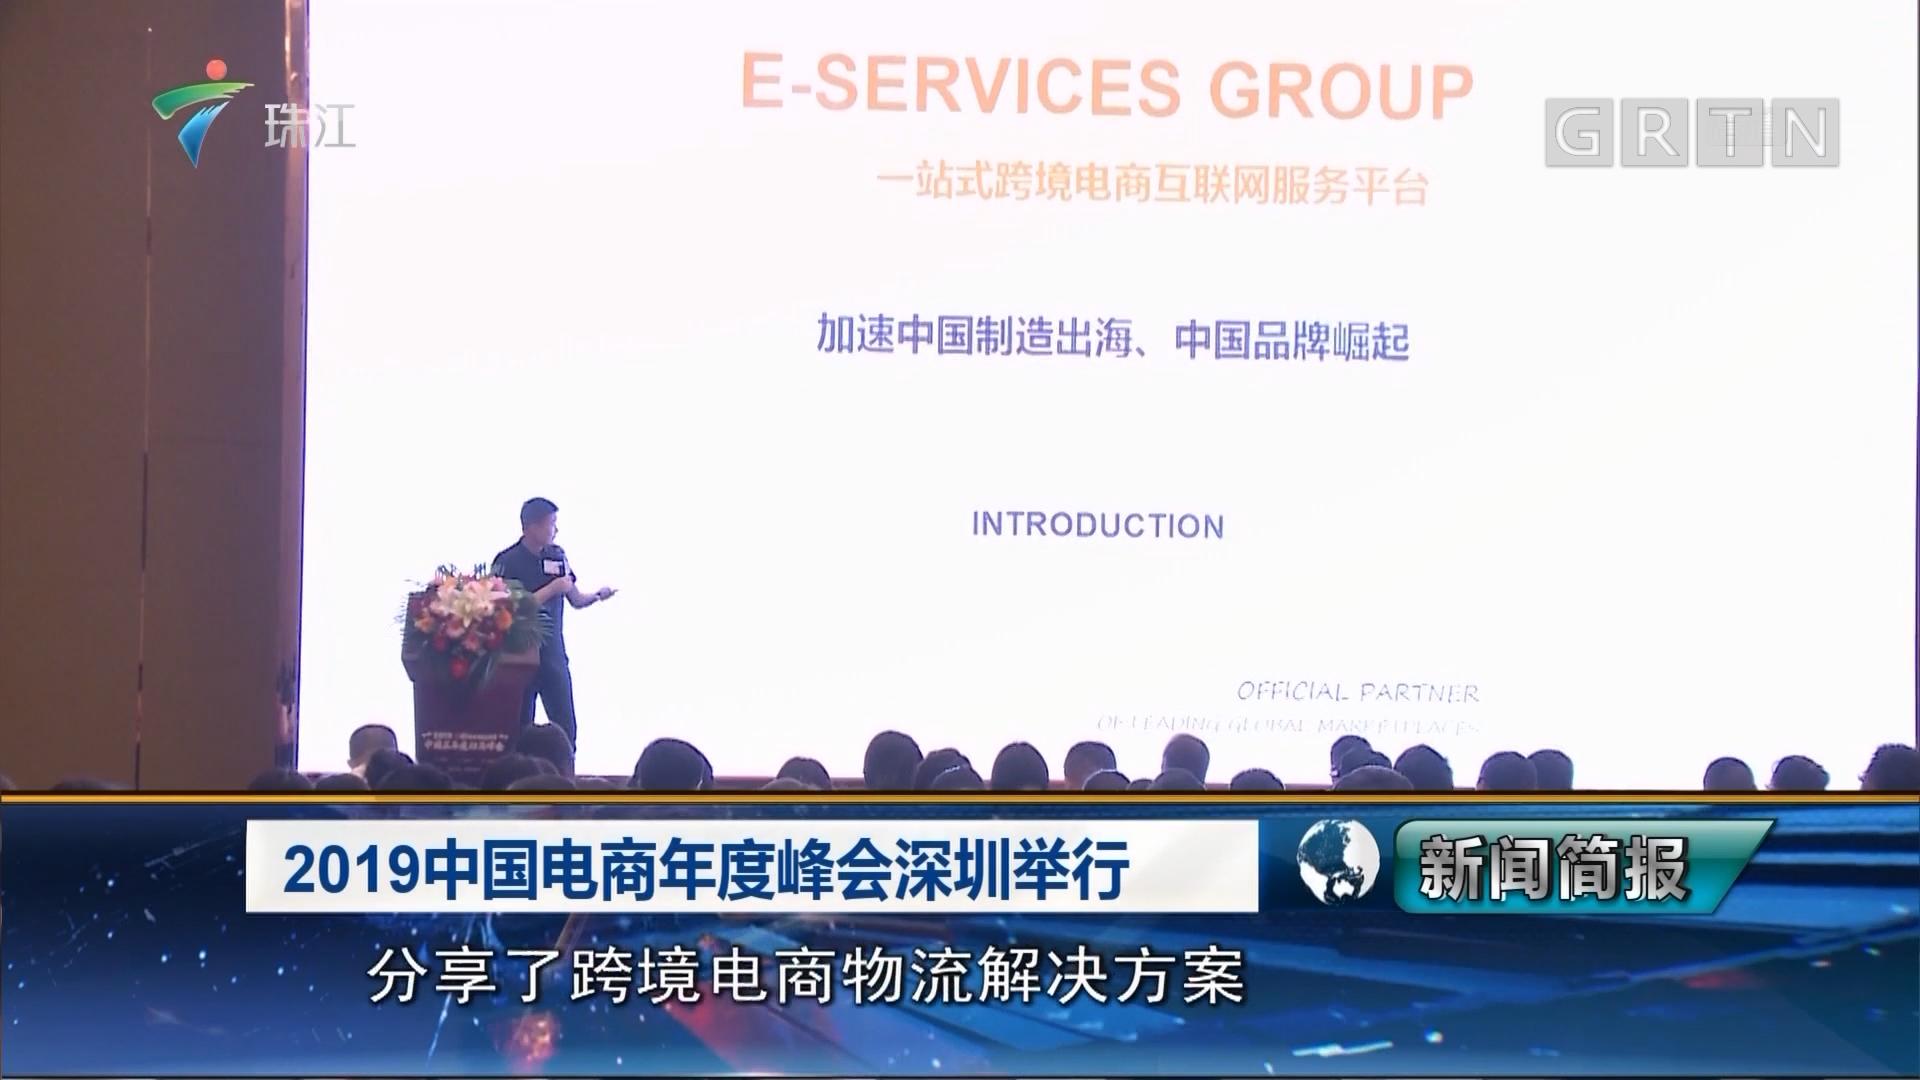 2019中国电商年度峰会深圳举行